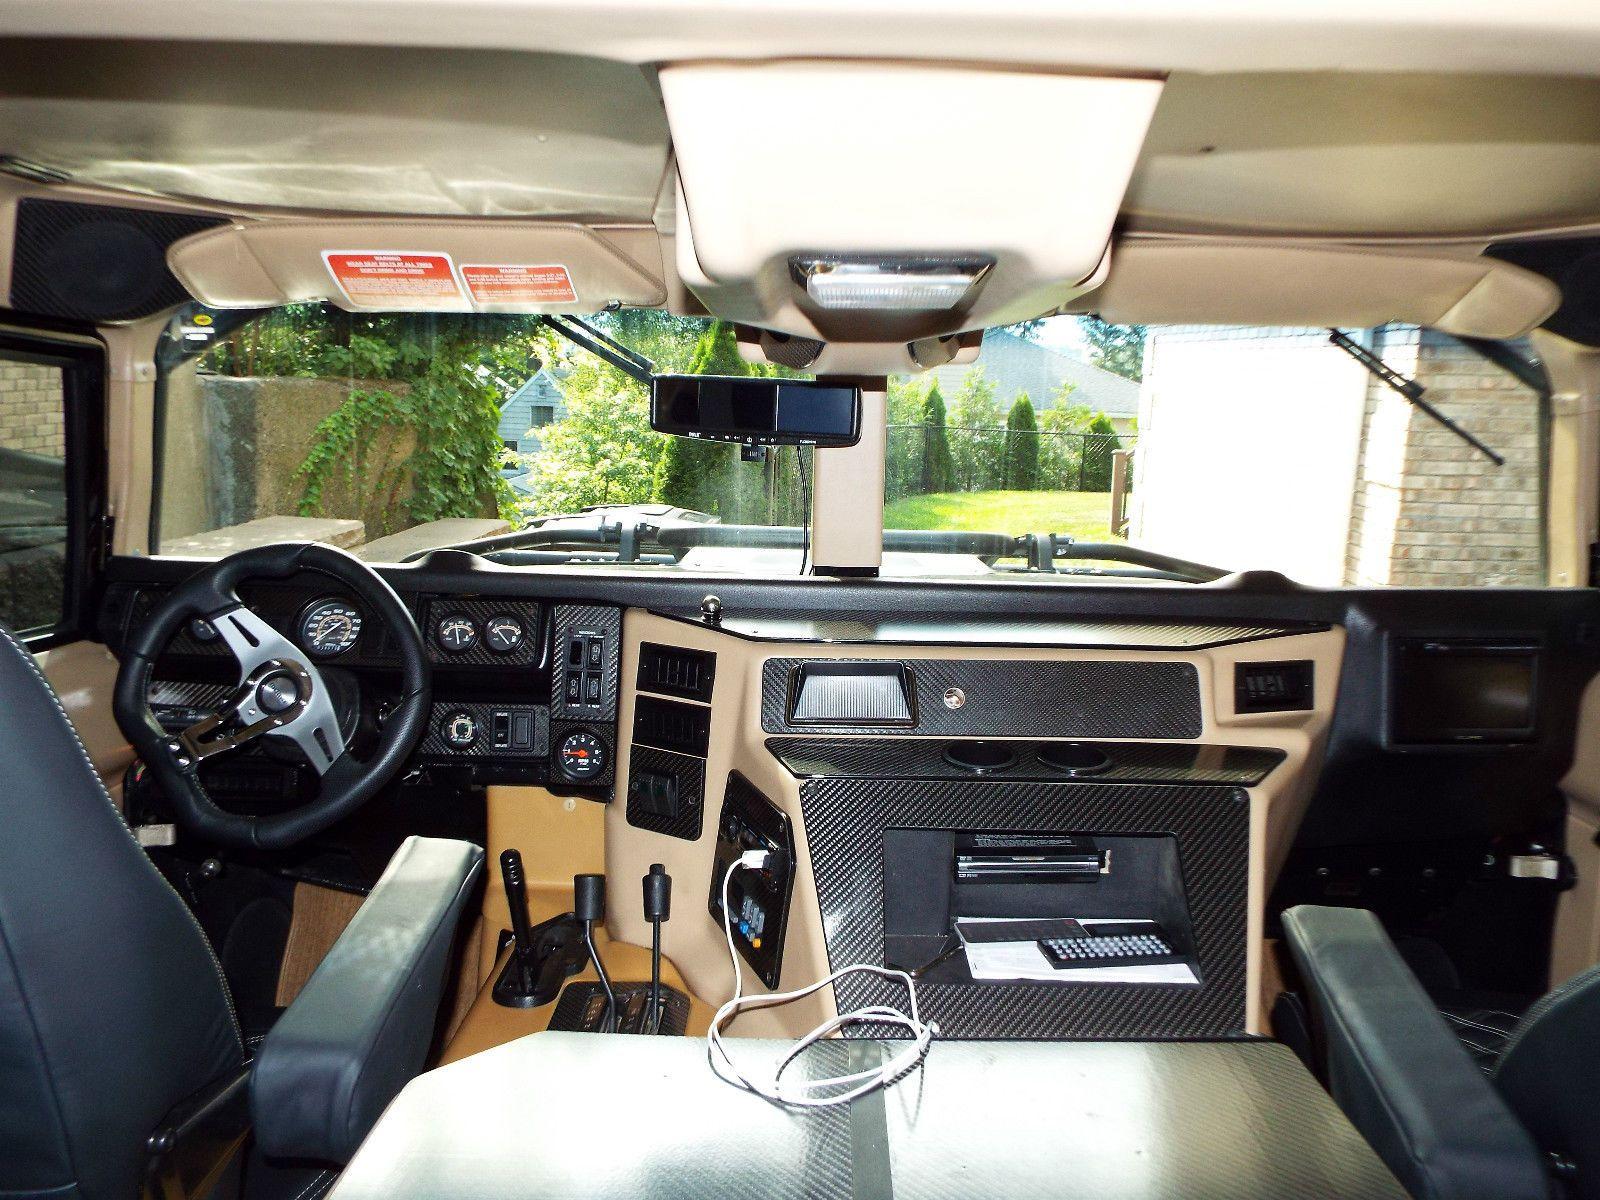 hummer h1 jeep jeep hummer hummer h1 hummer h2. Black Bedroom Furniture Sets. Home Design Ideas